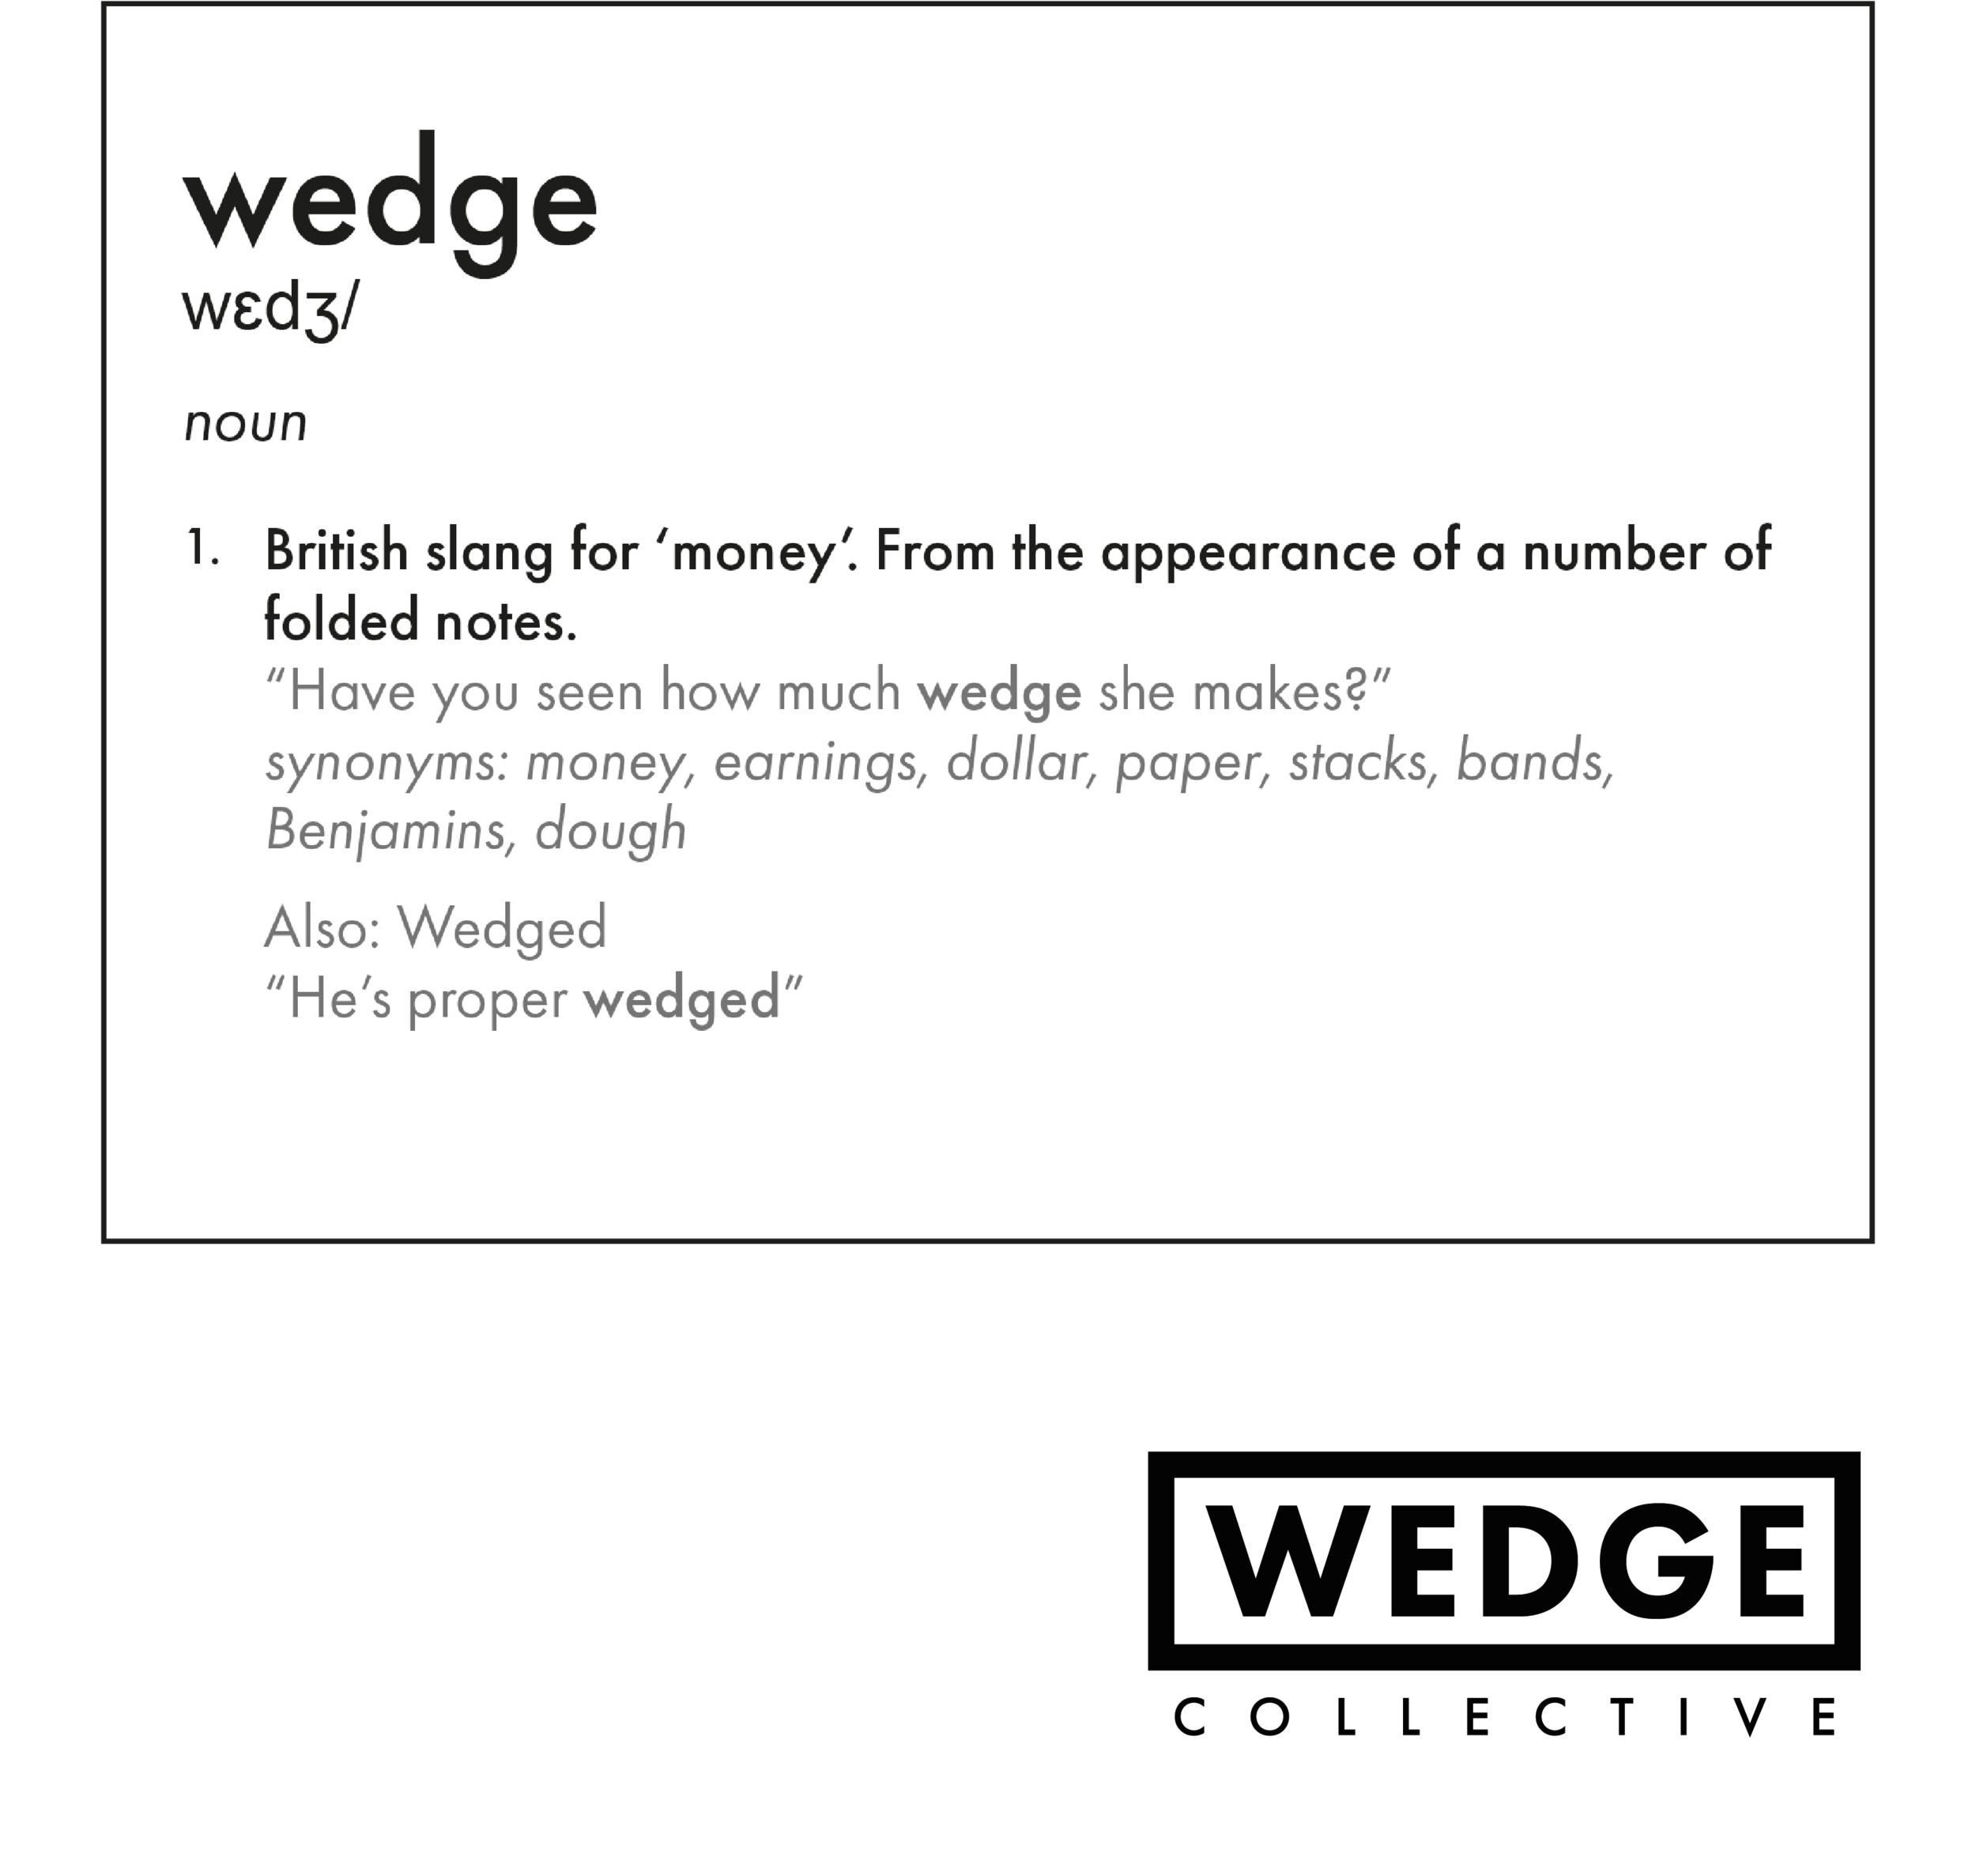 wedgedef_web0.png